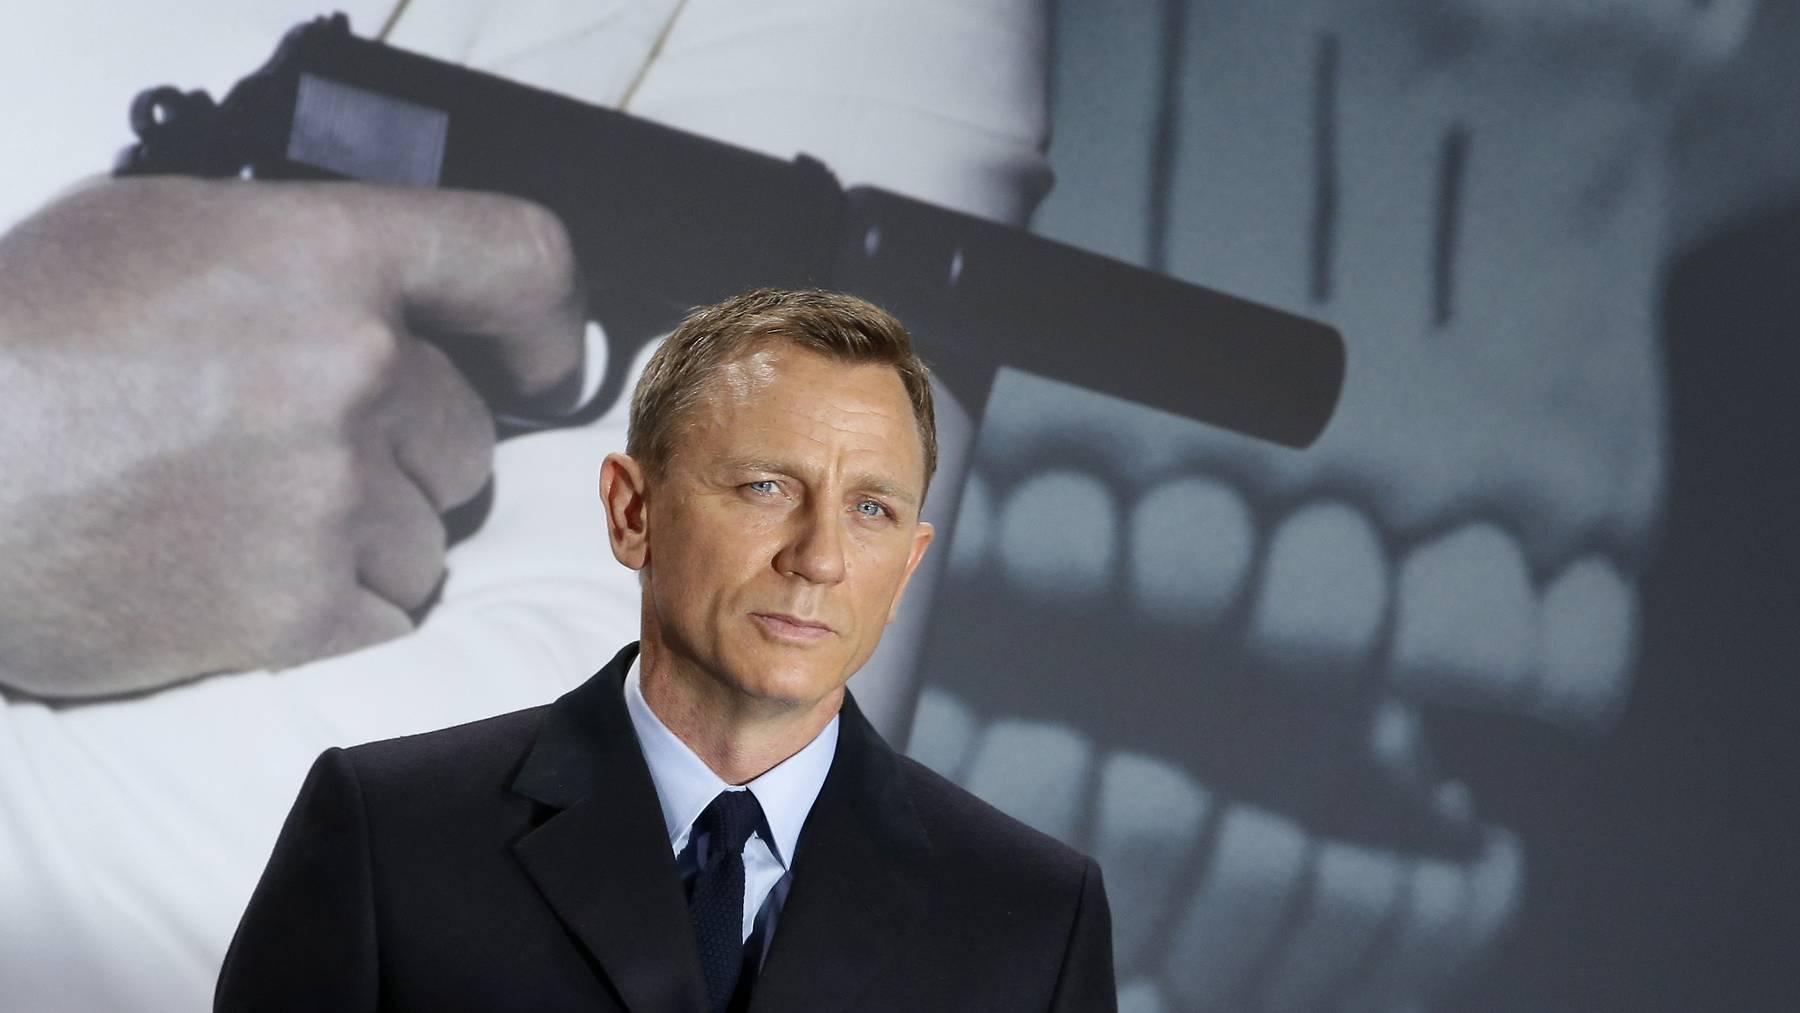 Neuer Trailer zum letzten James-Bond-Film mit Daniel Craig.